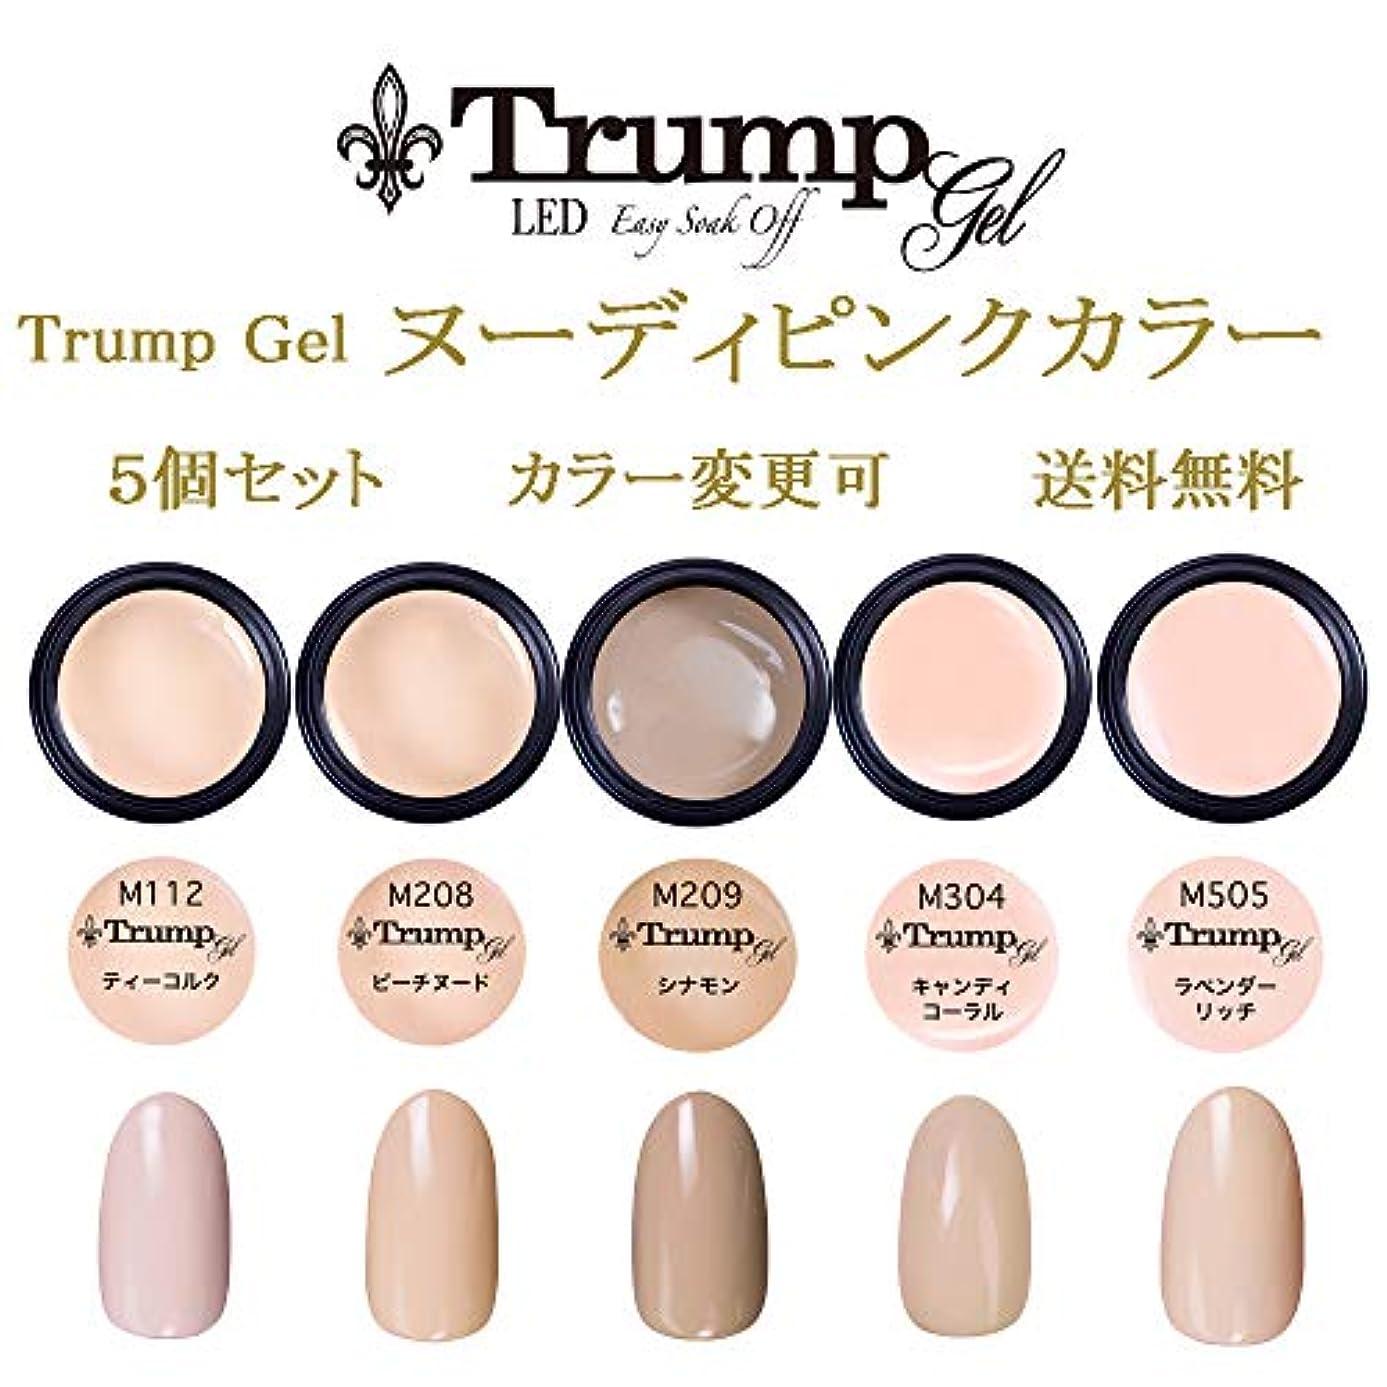 締め切り憧れ汚す日本製 Trump gel トランプジェル ヌーディピンク 選べる カラージェル 5個セット ピンク ベージュ ヌーディカラー